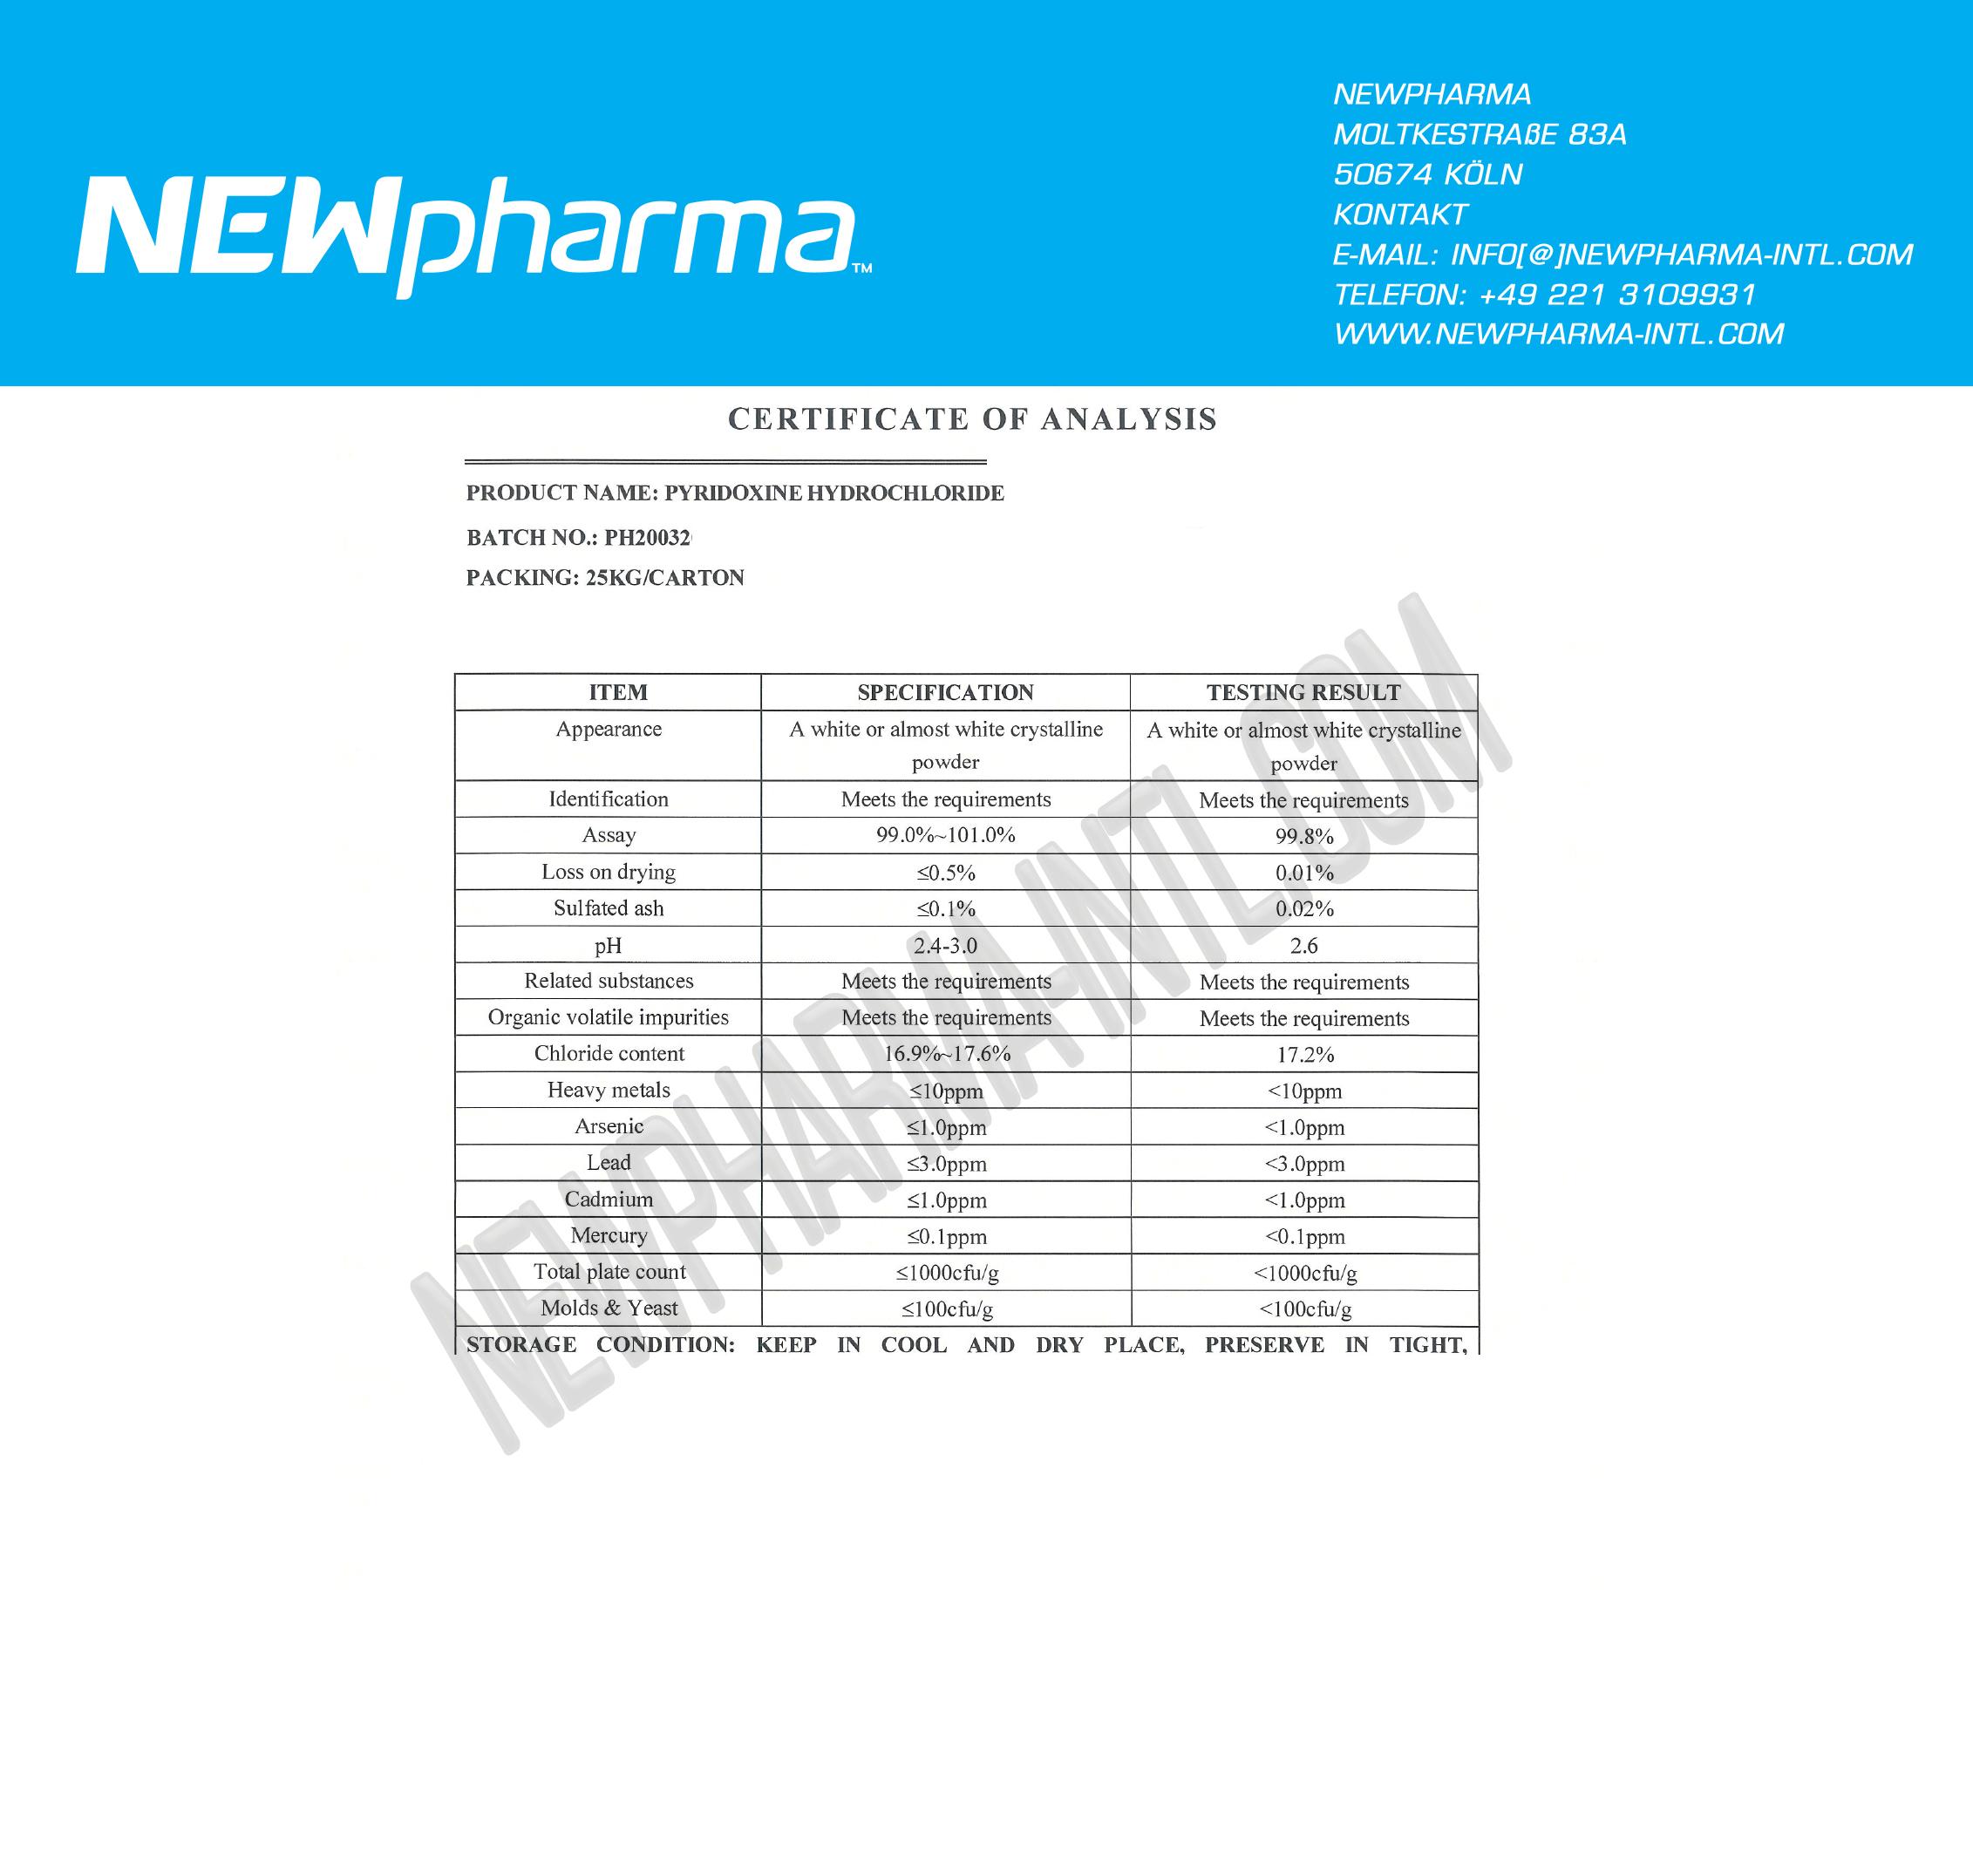 NEWPHARMA-B6vqAaRc4qFNCWY-2